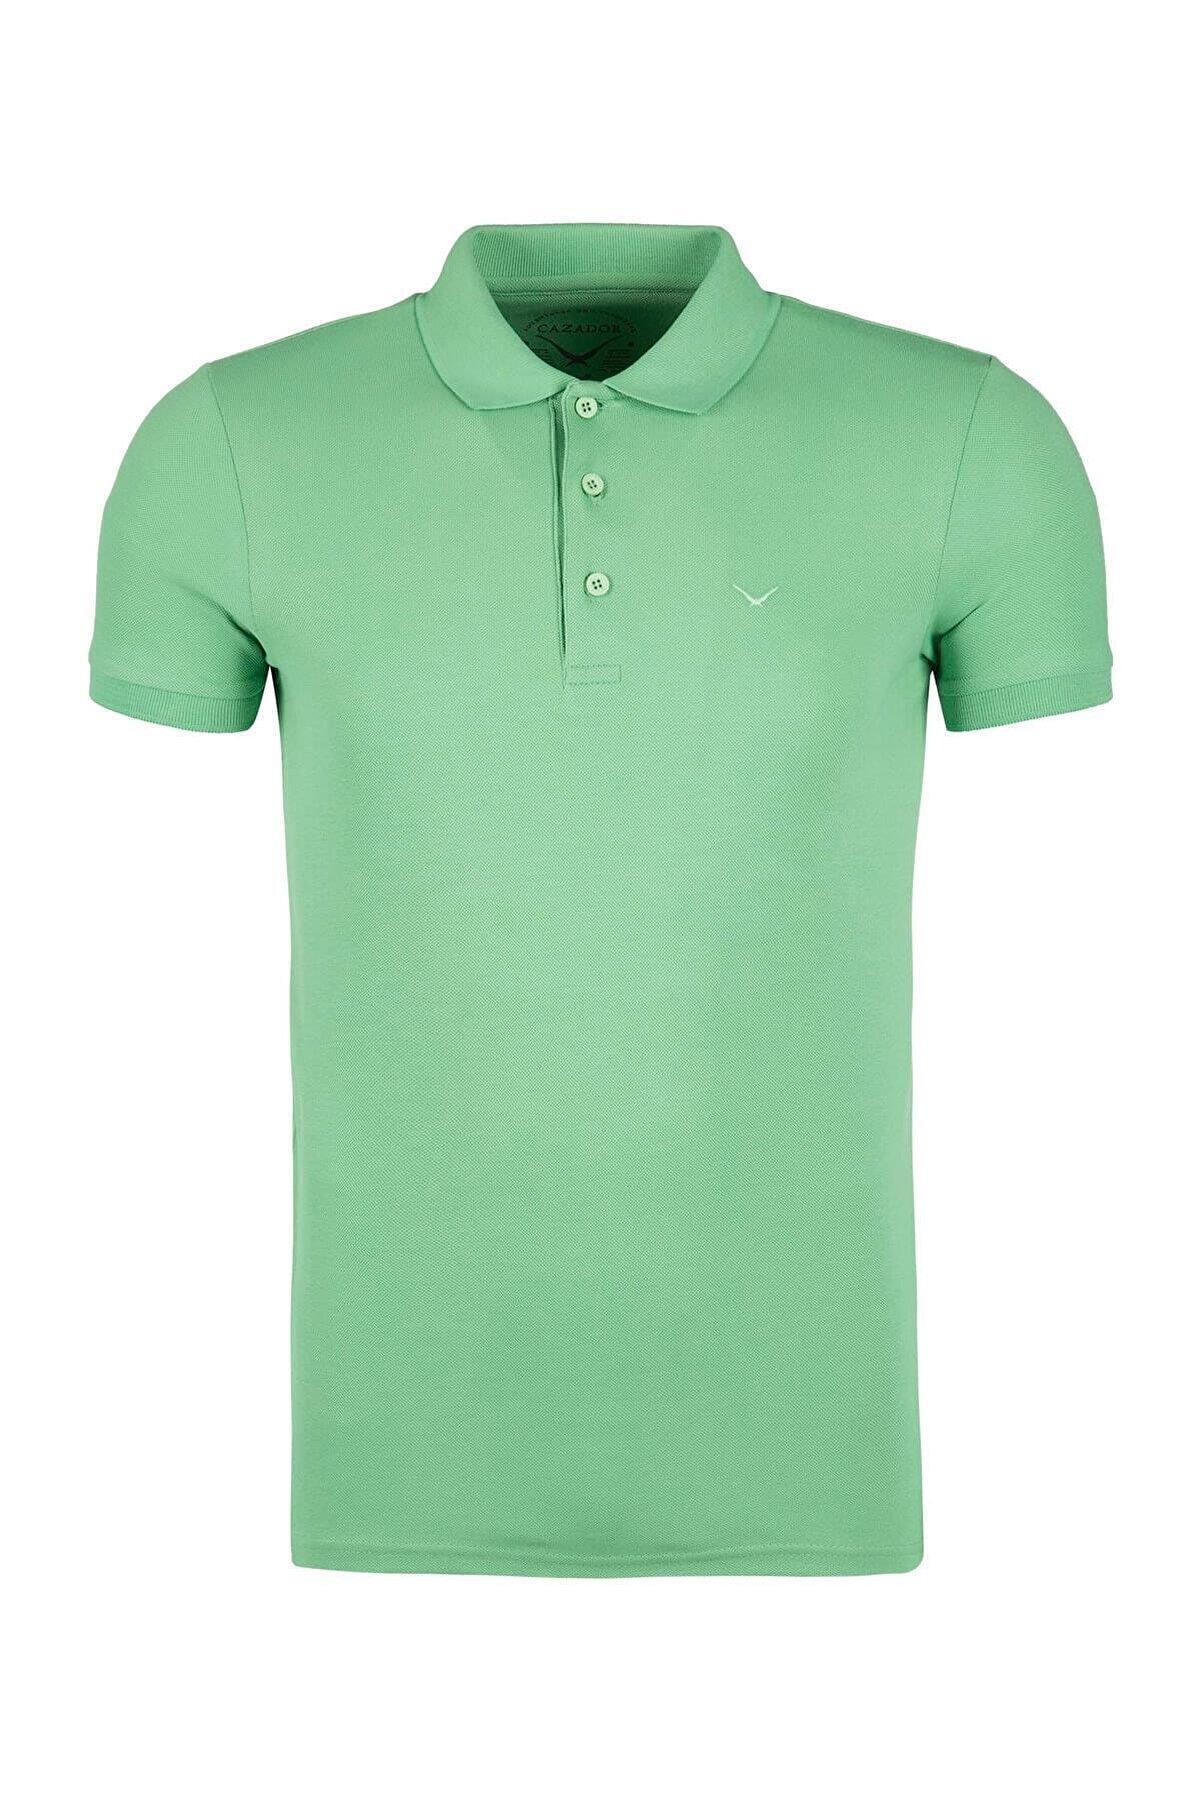 Cazador Erkek Yeşil Tişört 4613-163